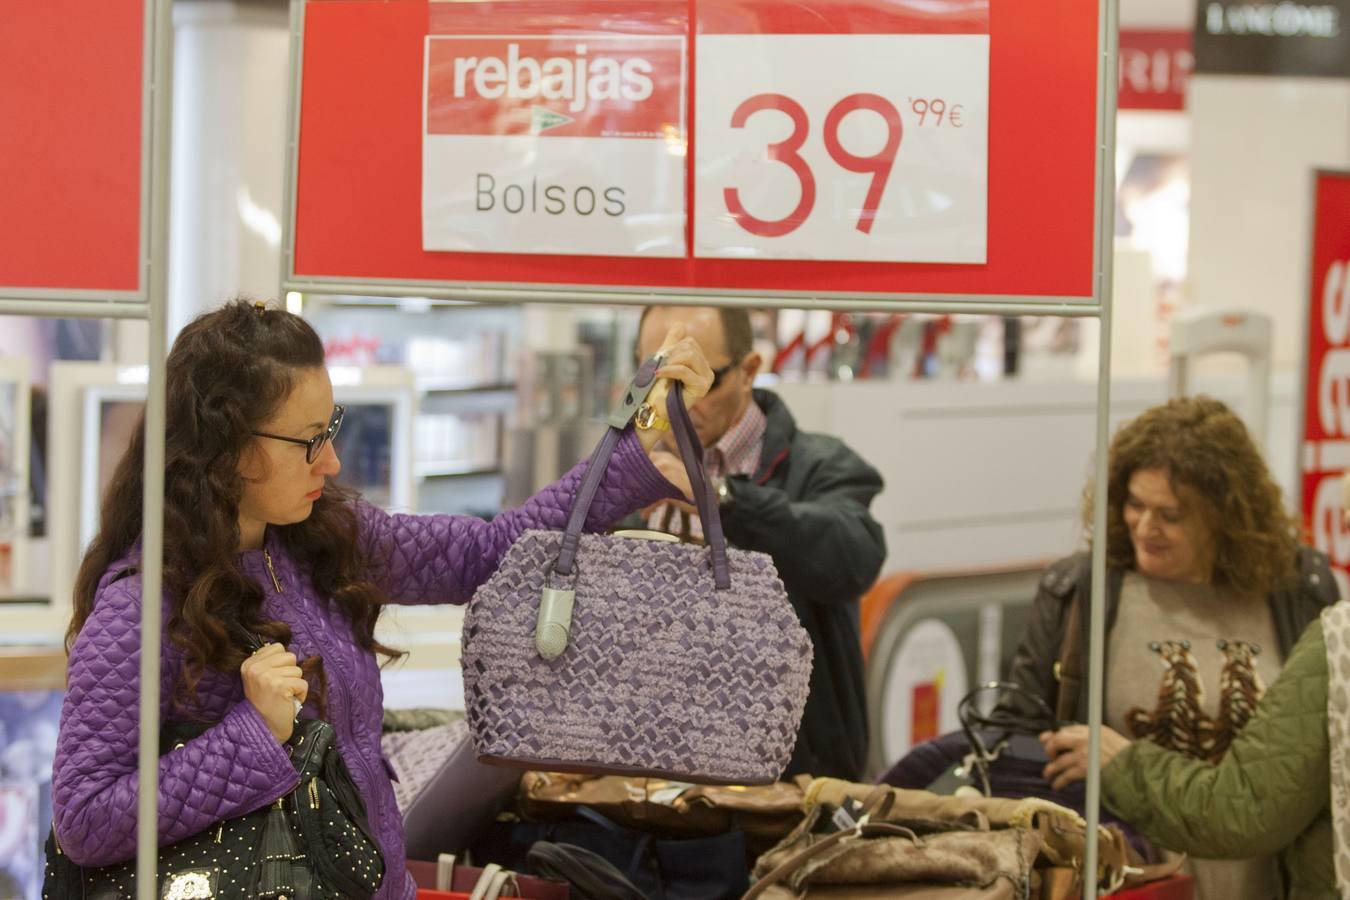 Las autonomías donde se prevén el mayor número de contrataciones son Extremadura, Asturias y Galicia.